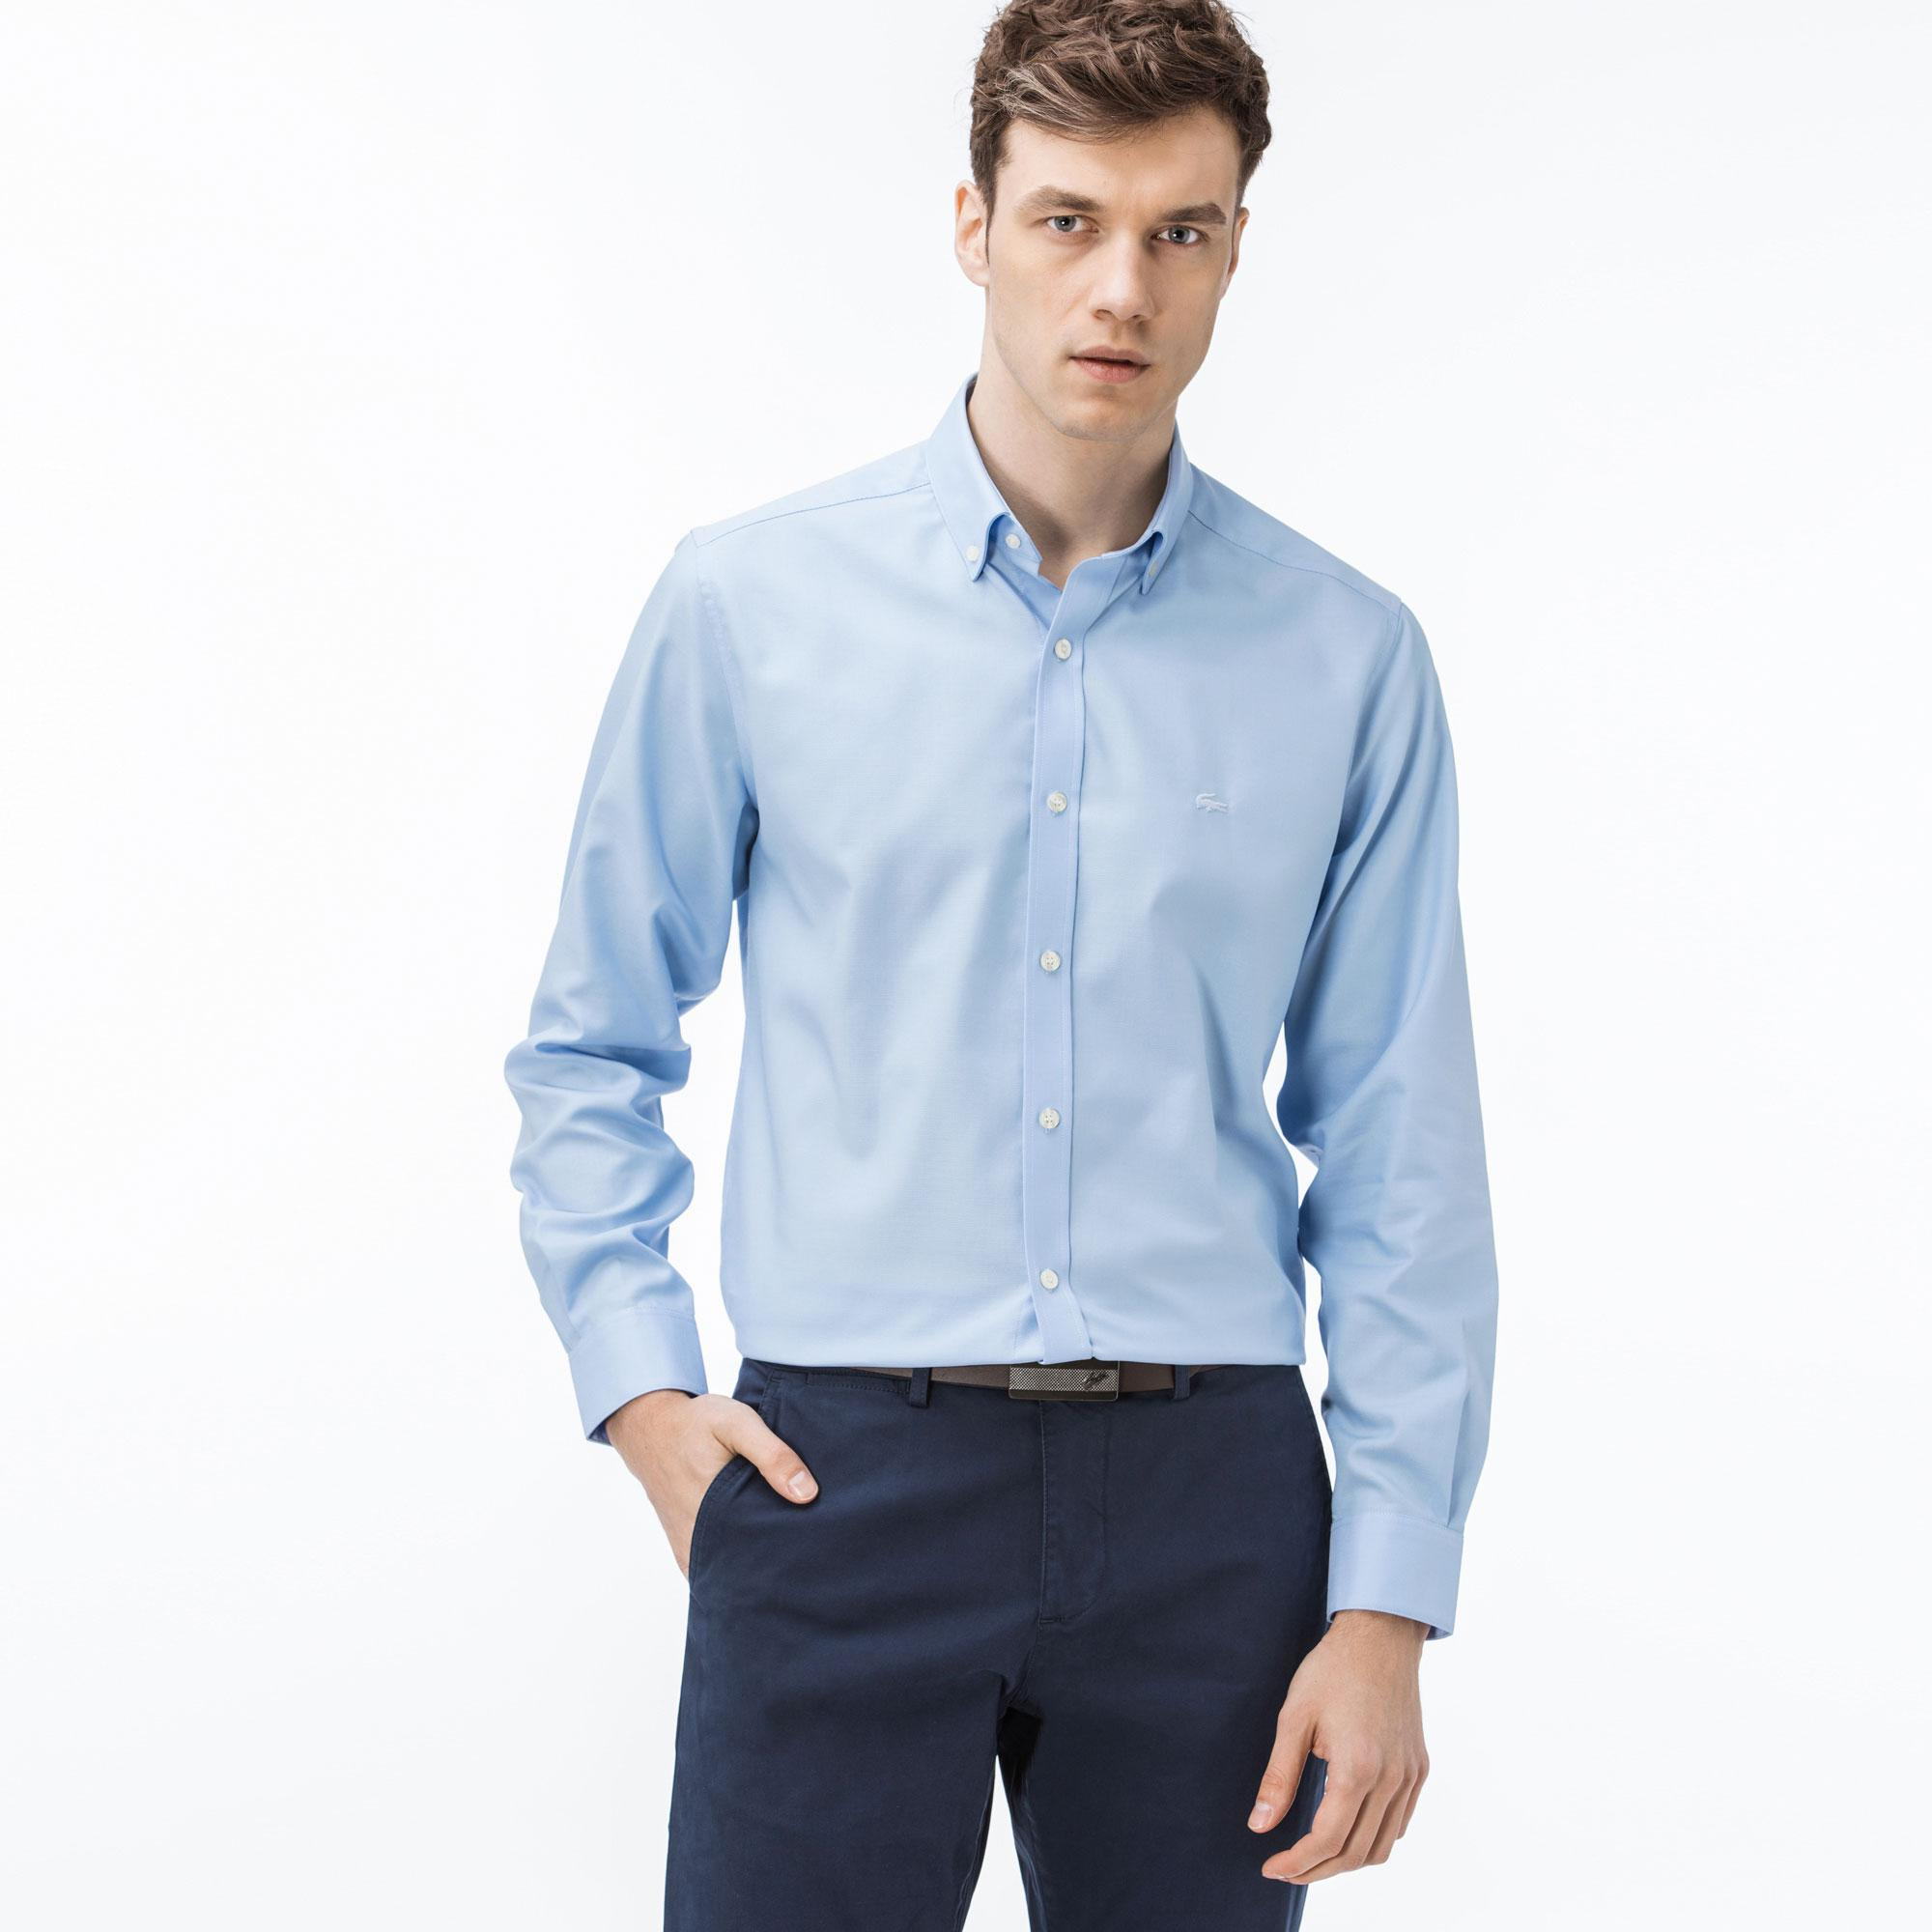 Lacoste Erkek Mavi Gömlek